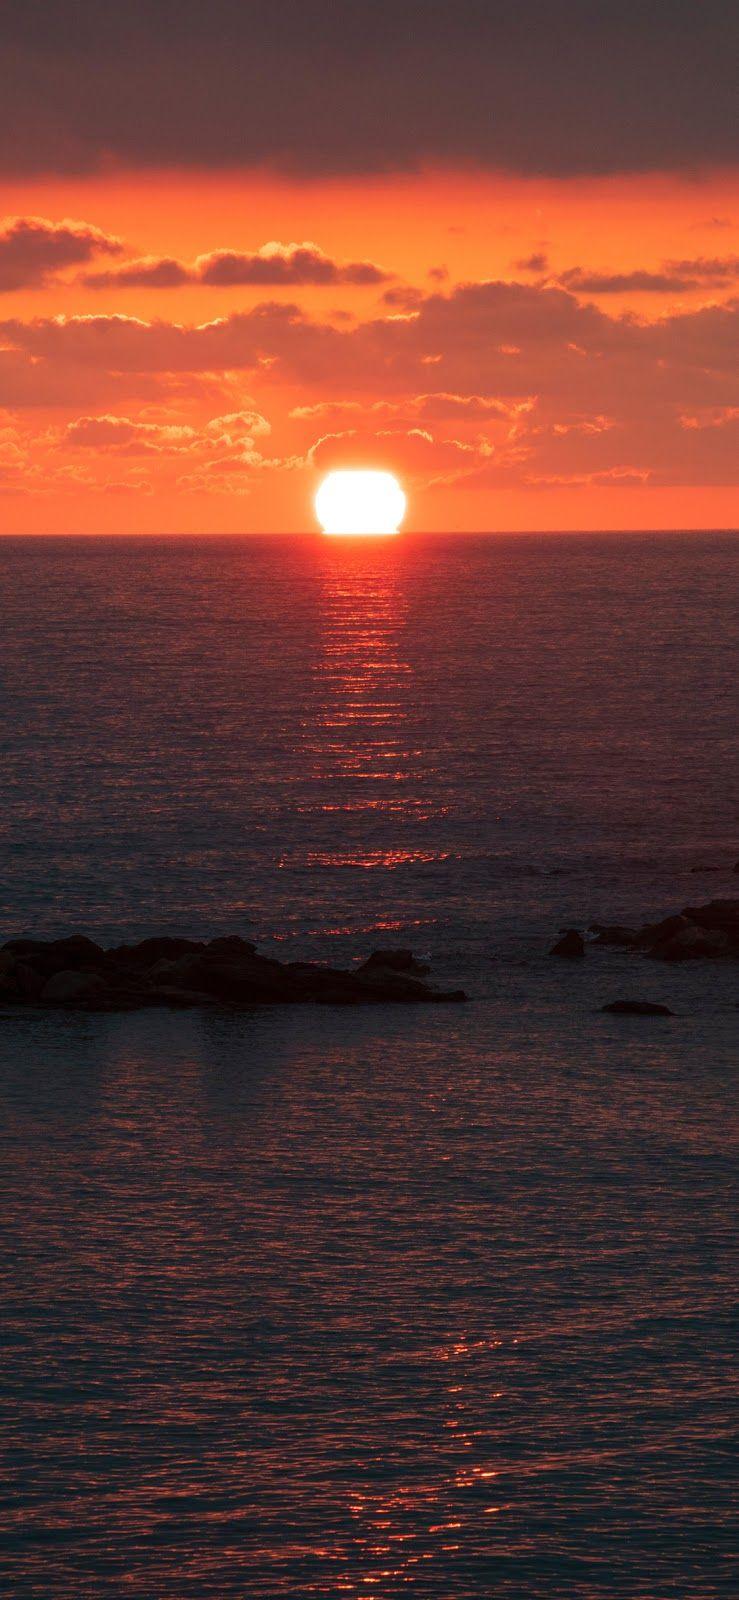 Beach Sunset Wallpaper Iphone X Beach Sunset Wallpaper Sunset Wallpaper Phone Wallpaper